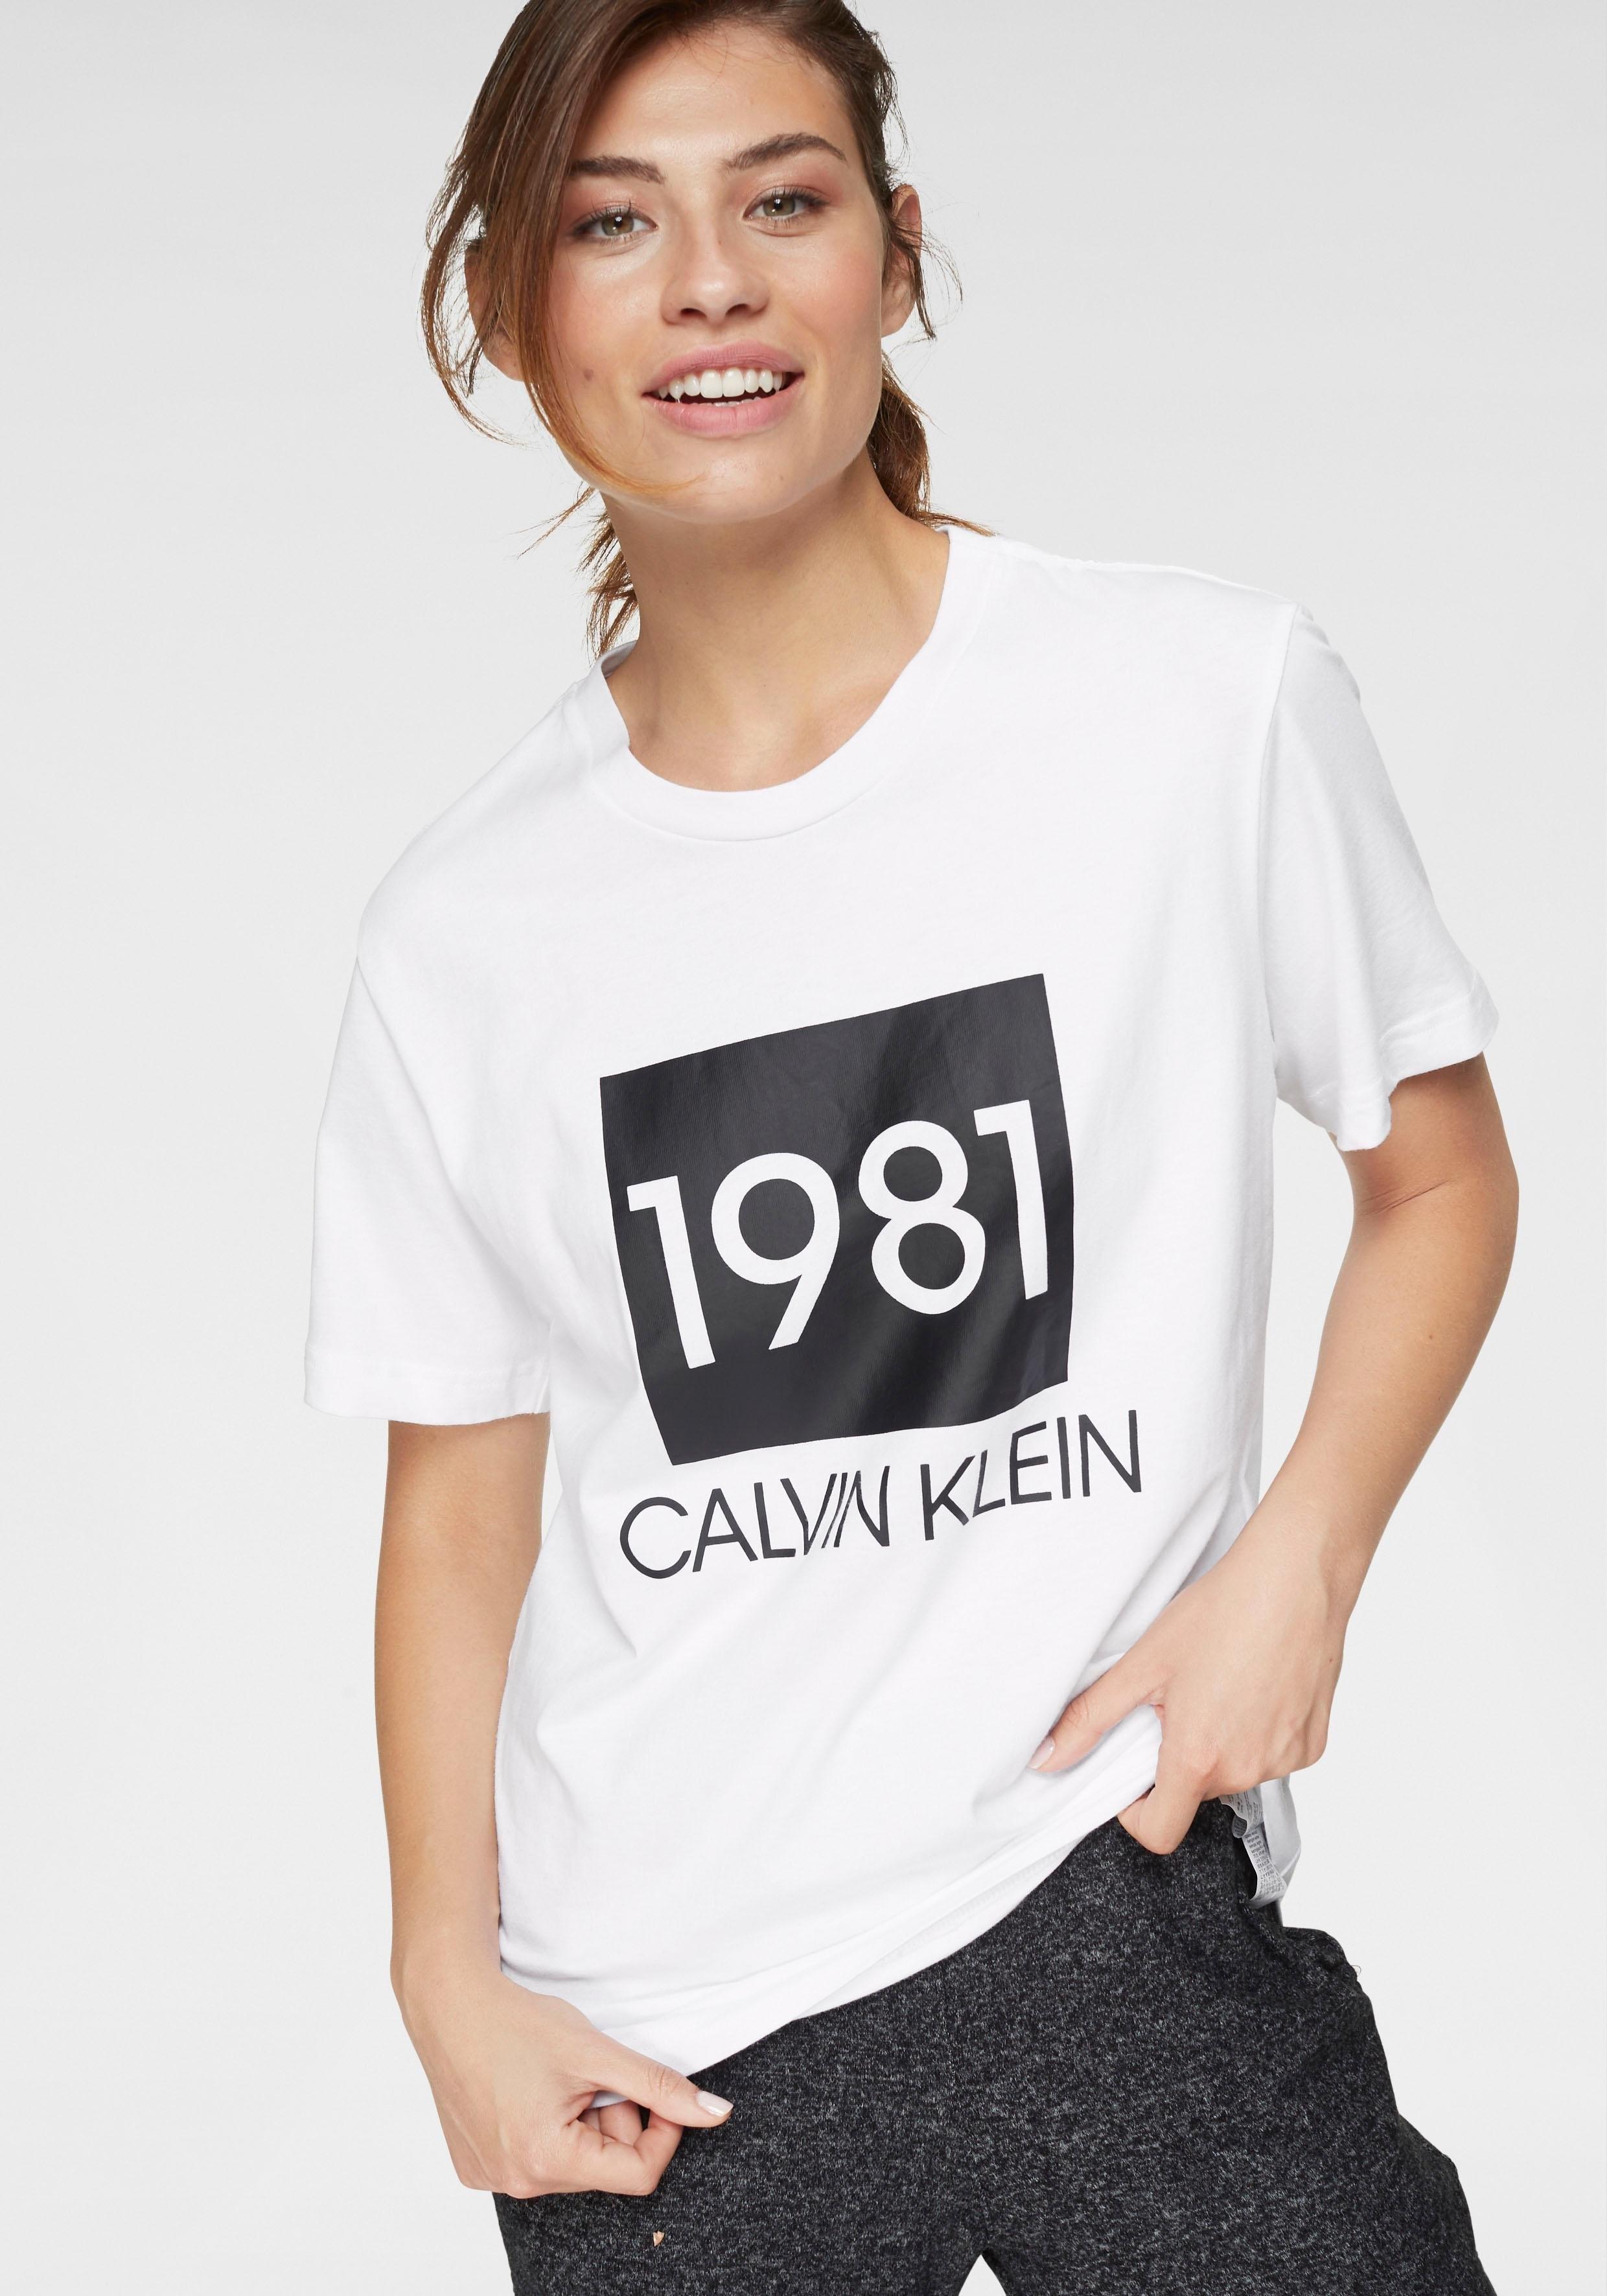 Calvin Klein T-shirt online kopen op lascana.nl